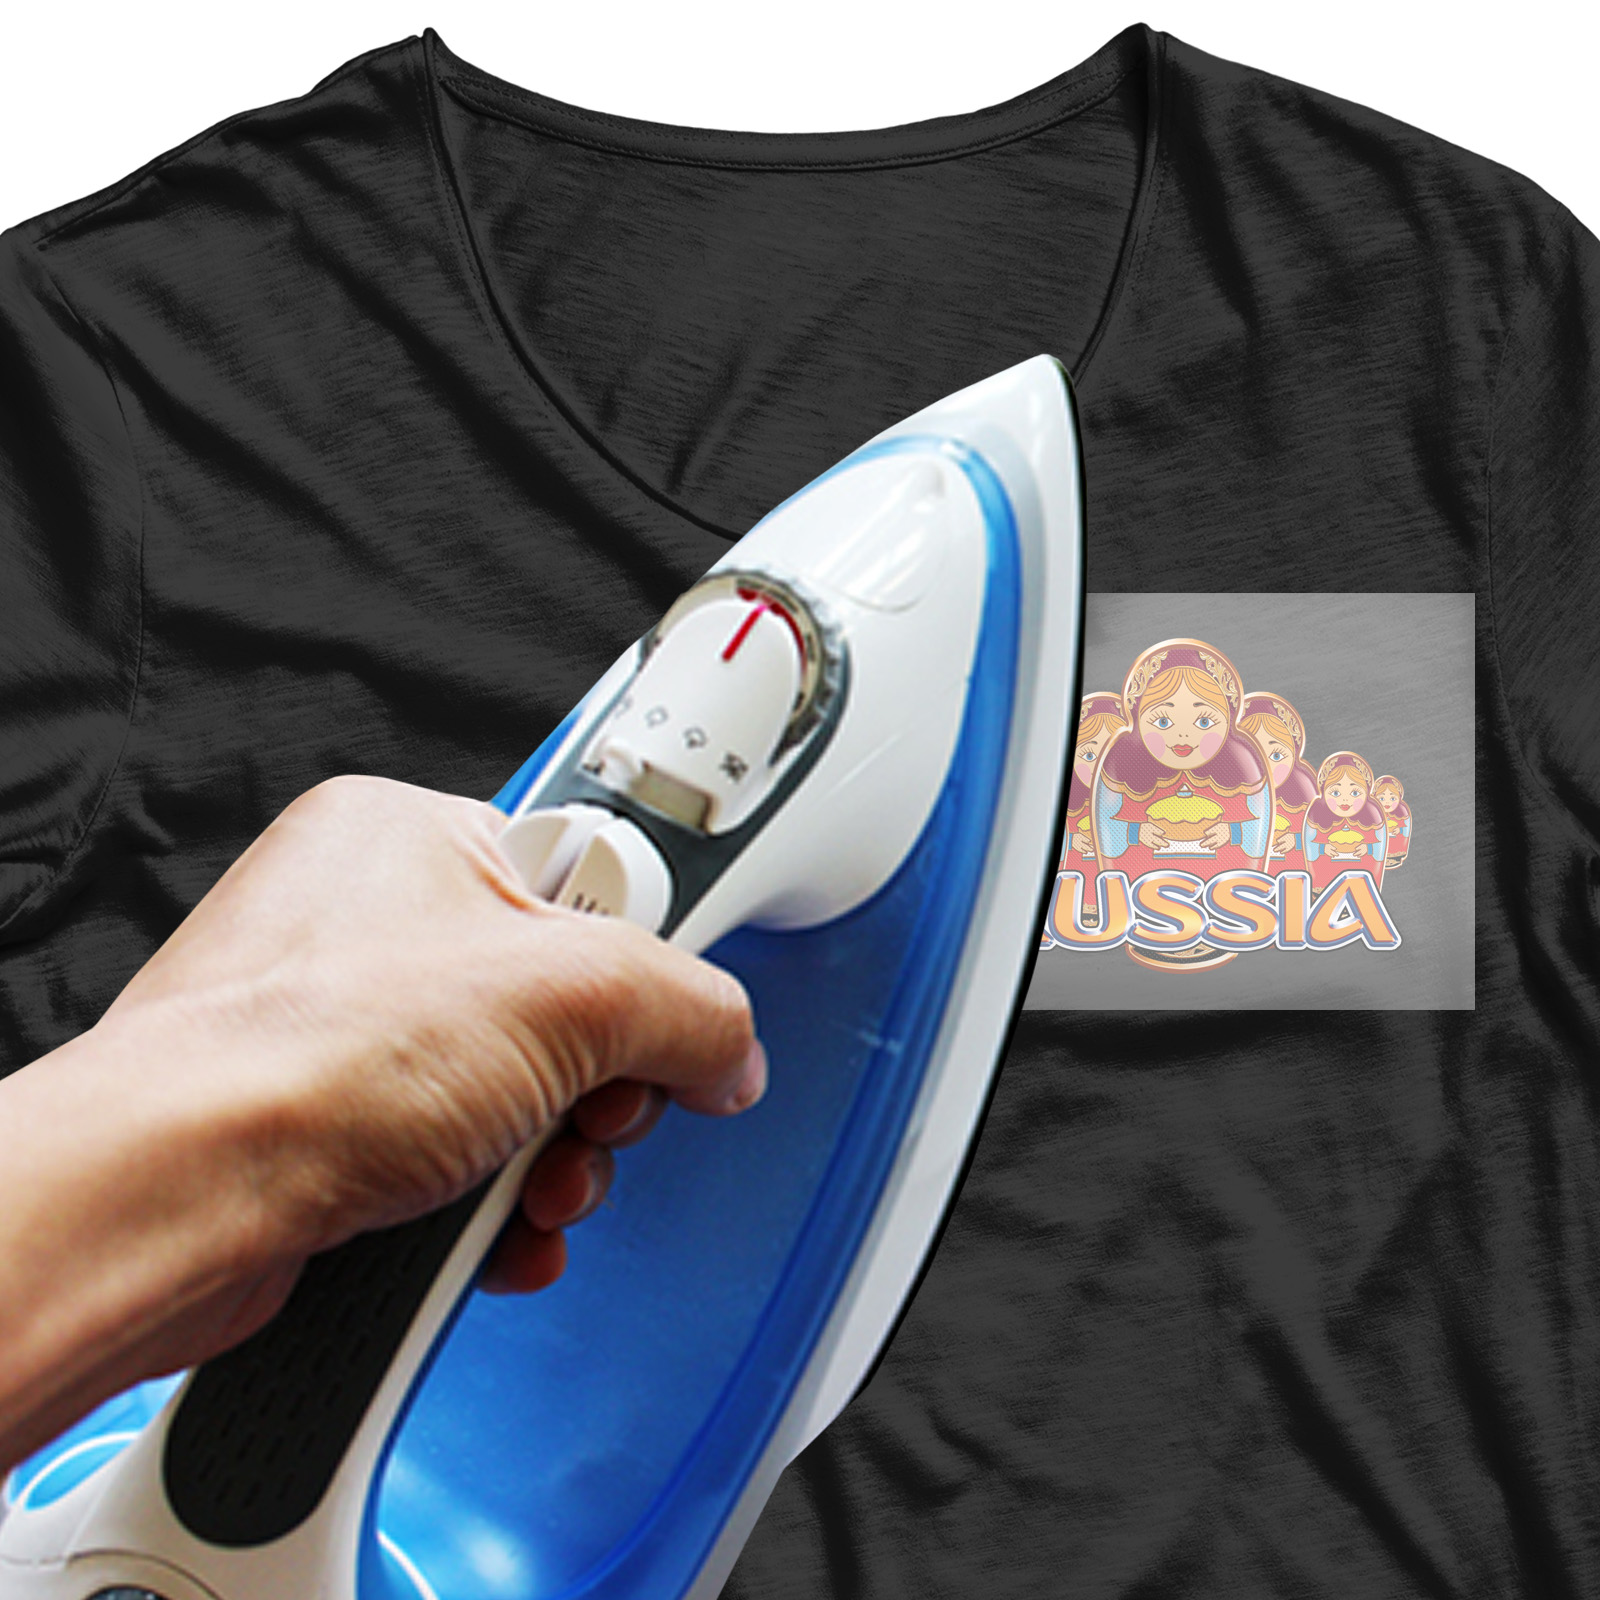 Оригинальная наклейка-термотрансфер на футболку - купить по низкой цене